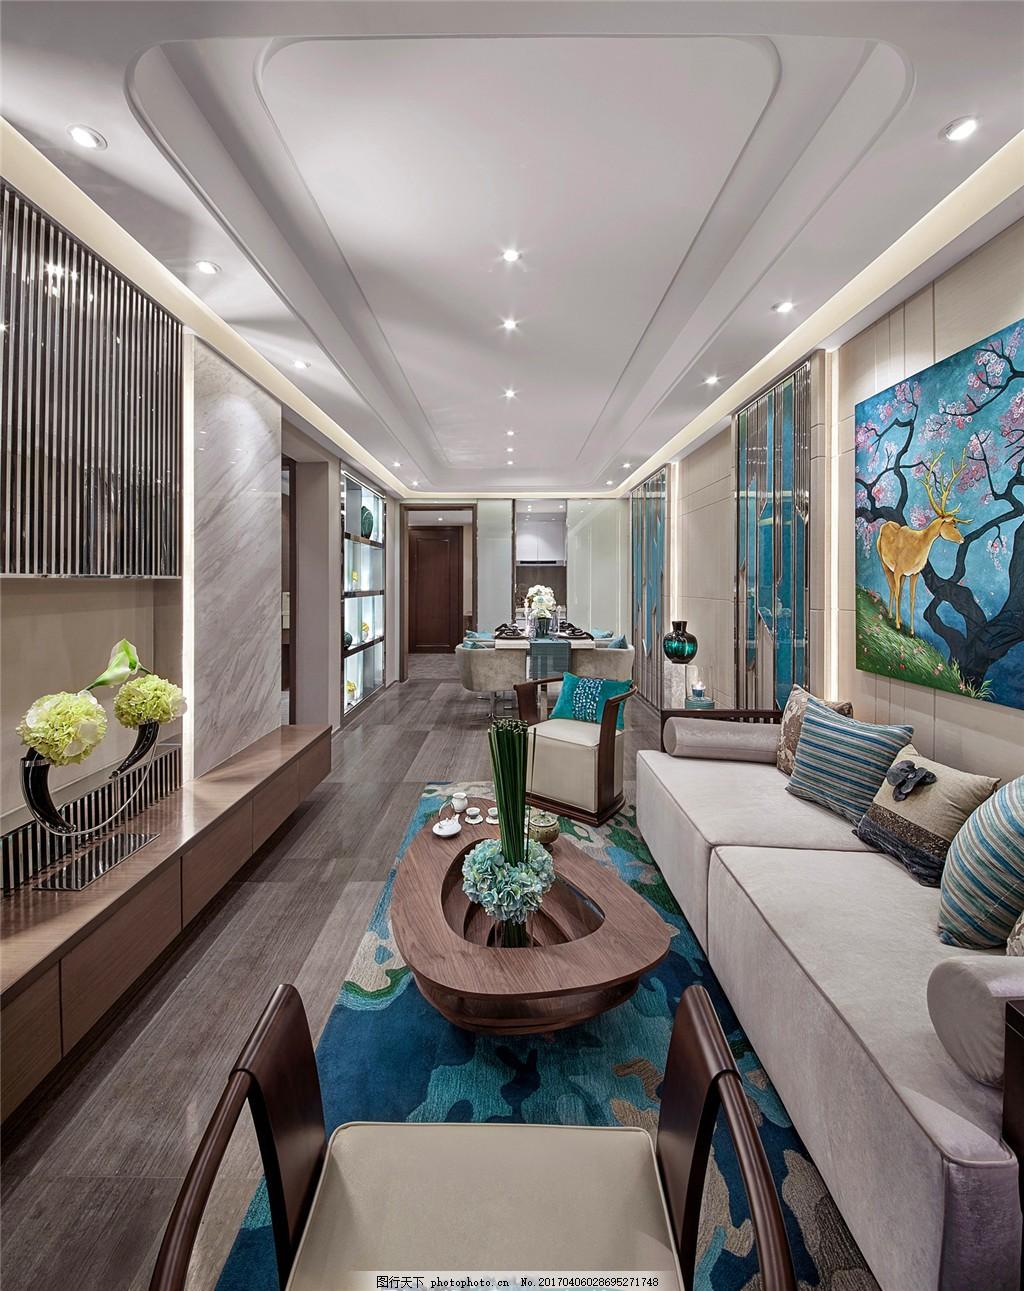 中欧简约客厅装修效果图 室内设计 家装效果图 欧式装修效果图 时尚图片